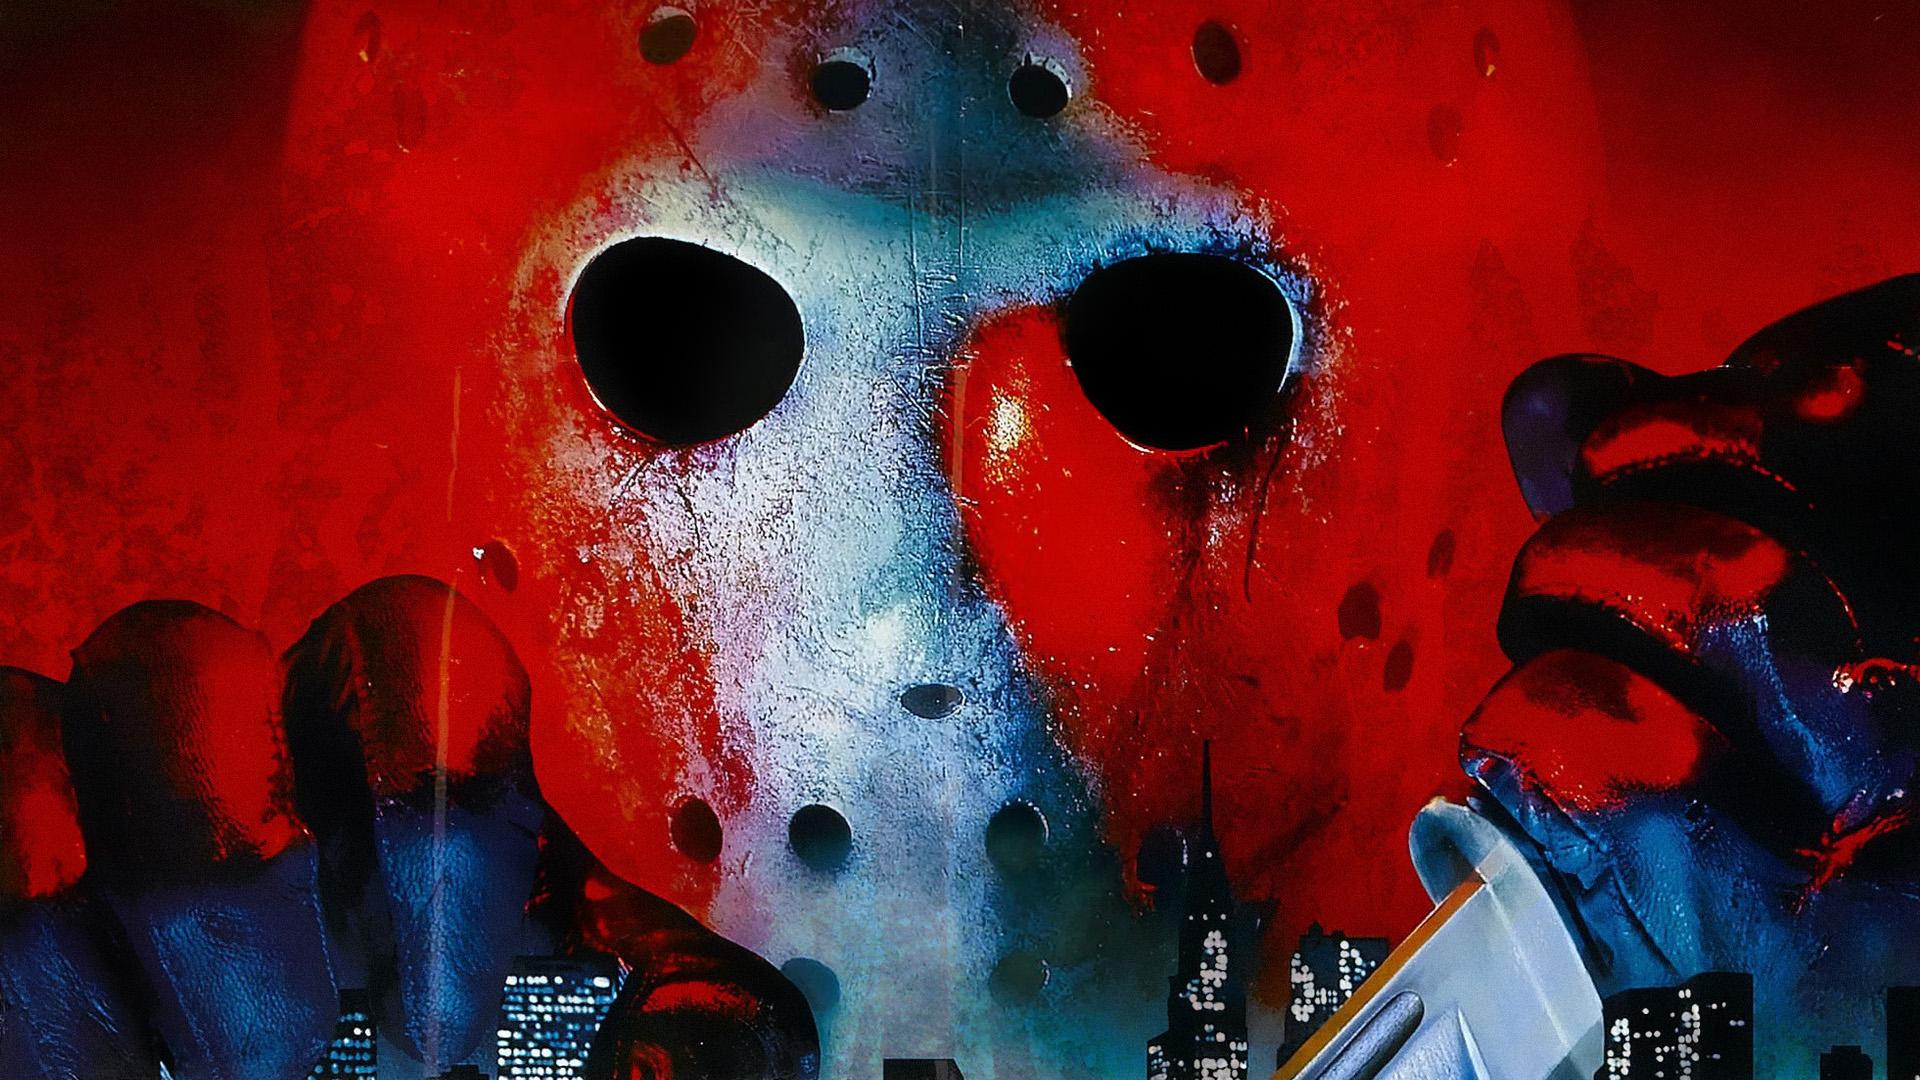 Friday The 13th Part Viii Jason Takes Manhattan 1989 Hd Wallpaper